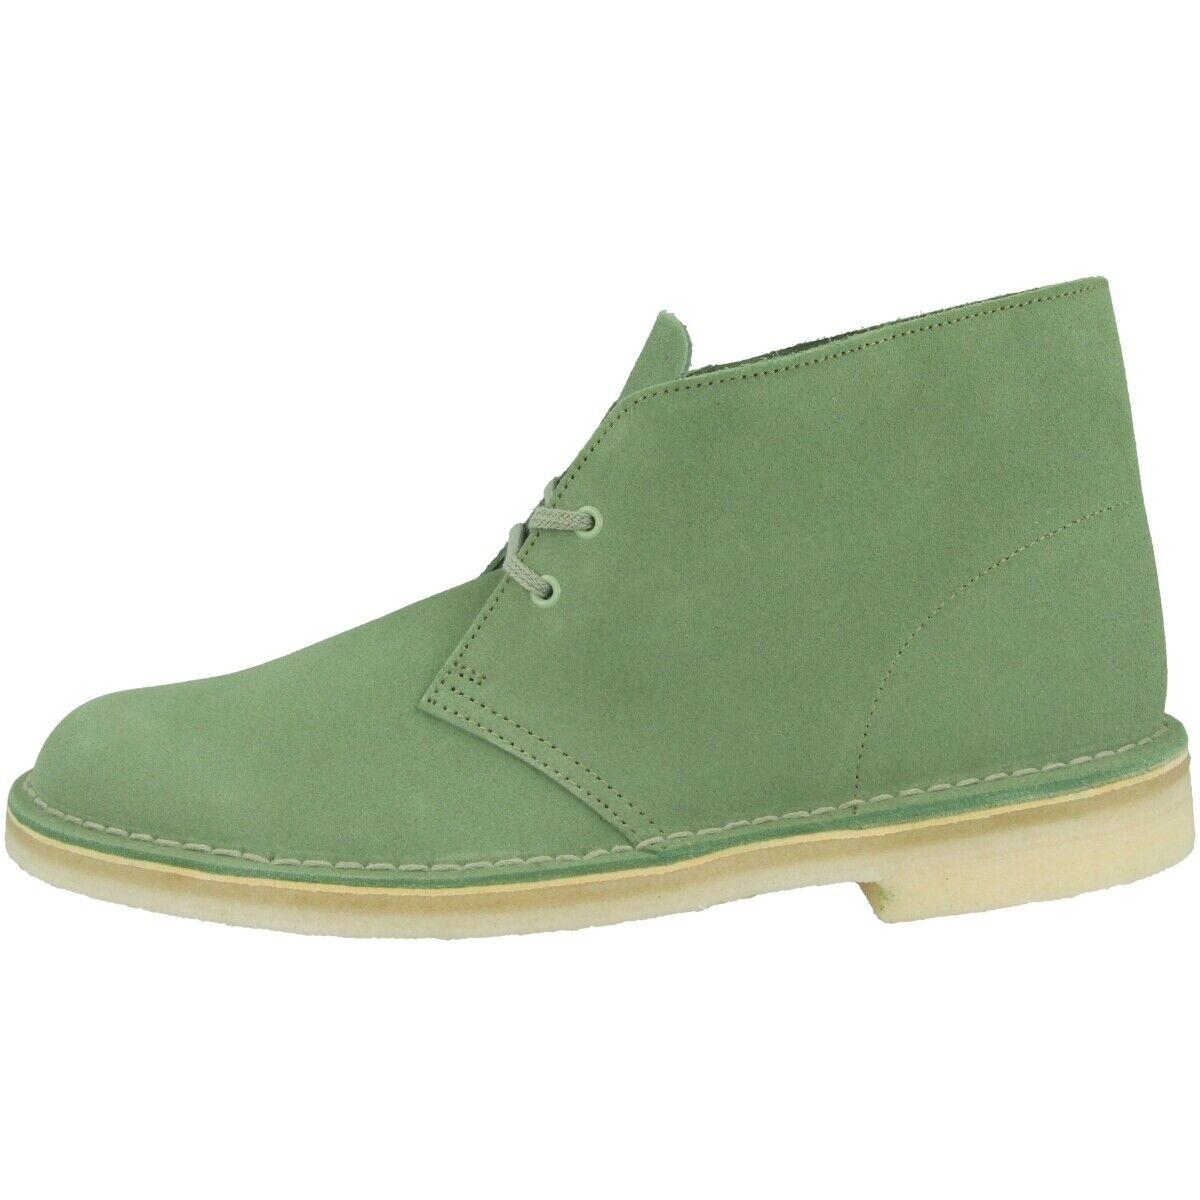 Clarks Desert bota Men zapatos caballero botas schnürzapatos verde Suede 26141960